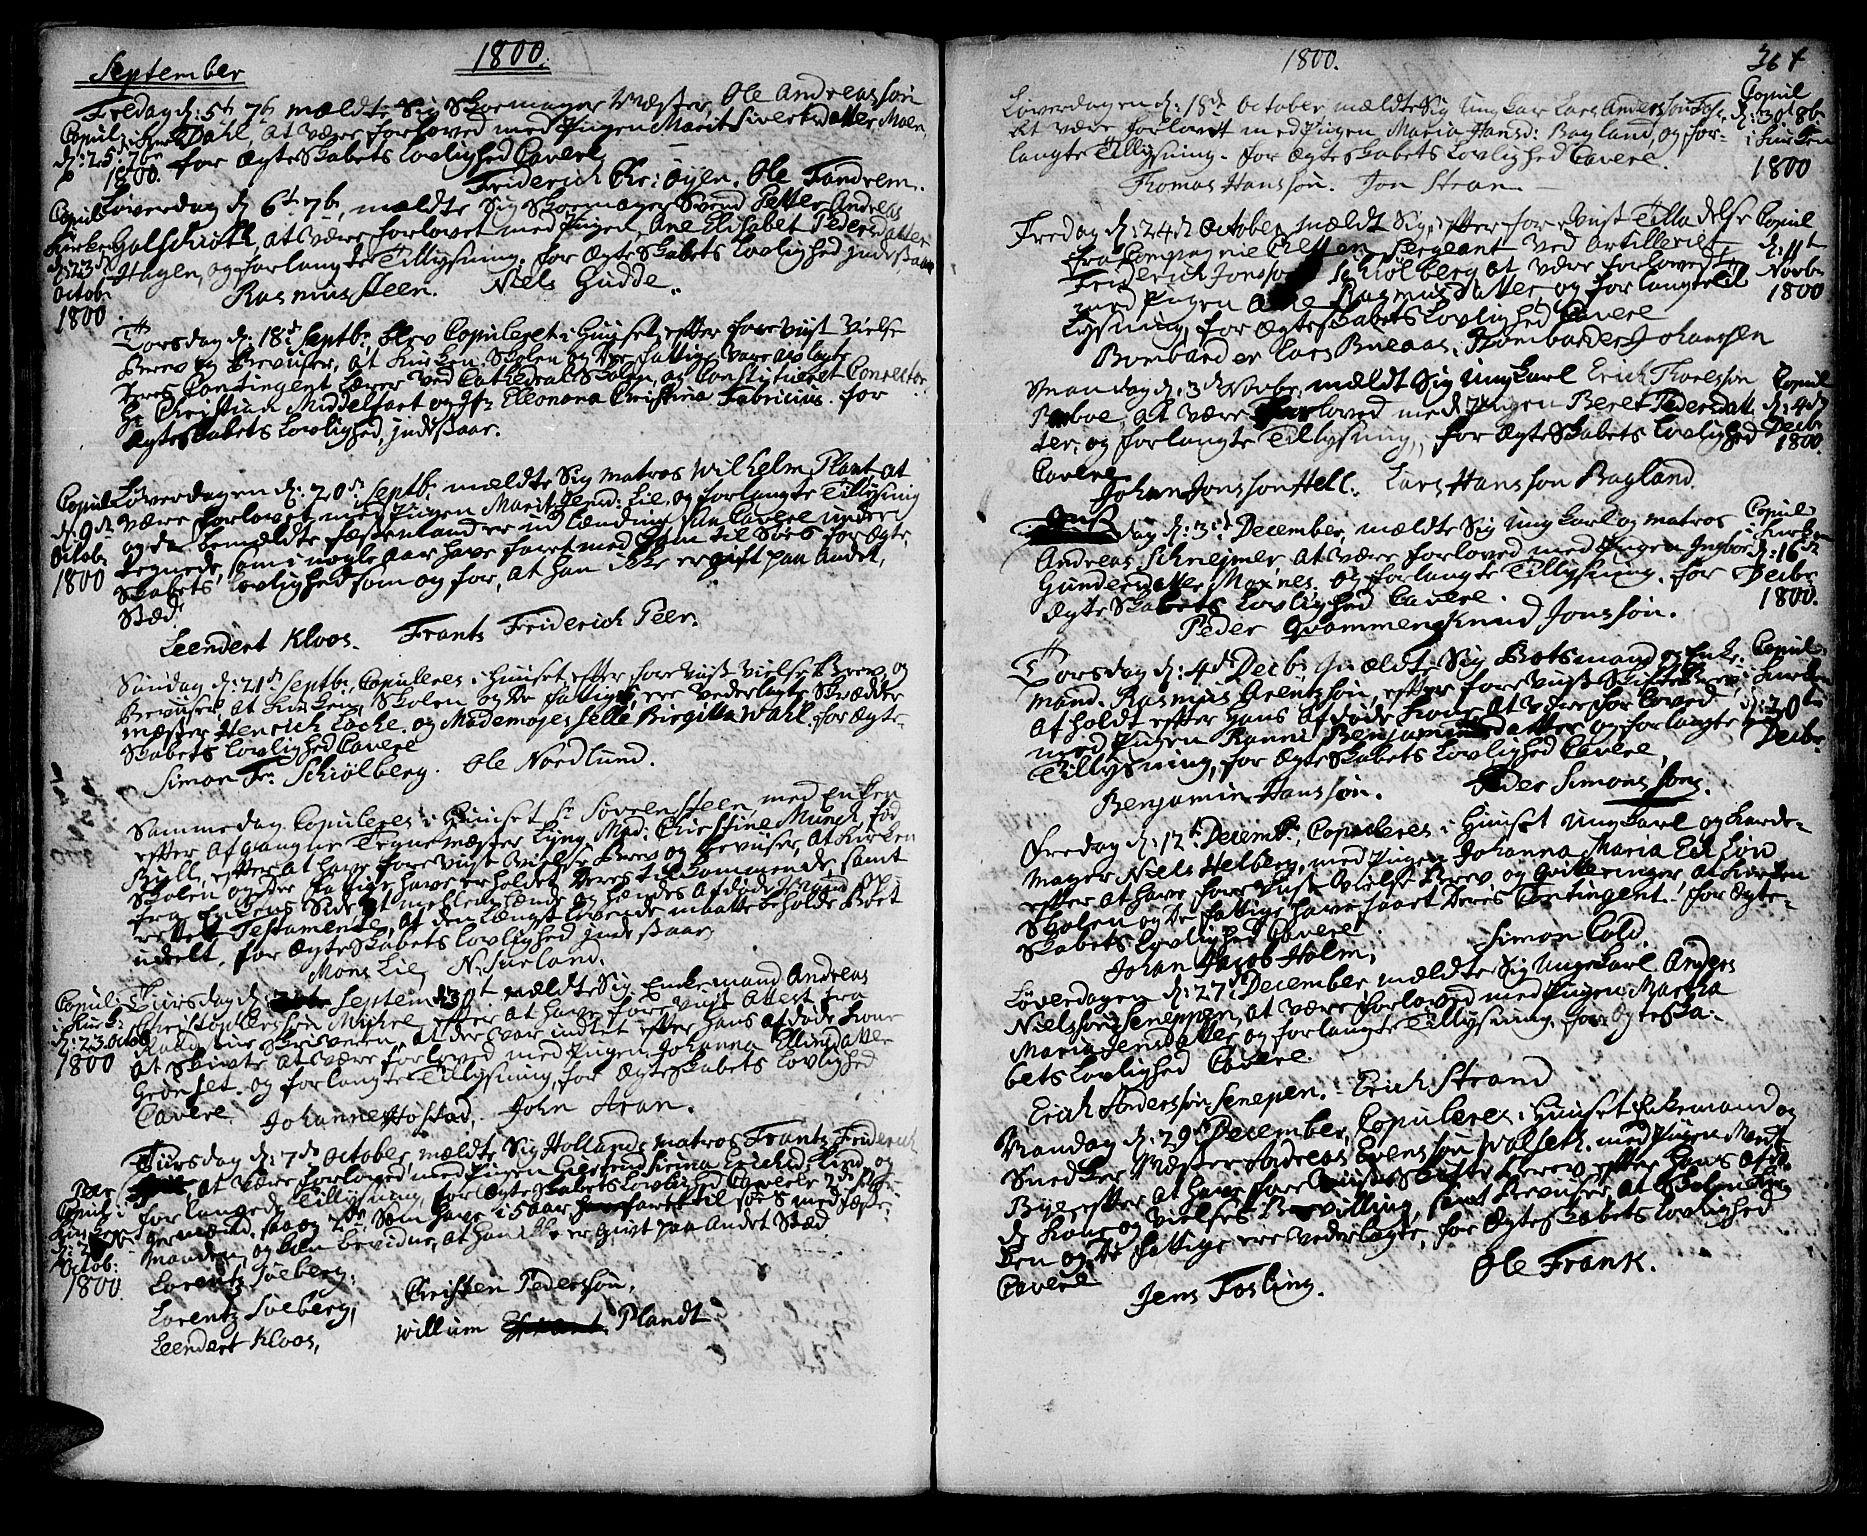 SAT, Ministerialprotokoller, klokkerbøker og fødselsregistre - Sør-Trøndelag, 601/L0038: Ministerialbok nr. 601A06, 1766-1877, s. 364